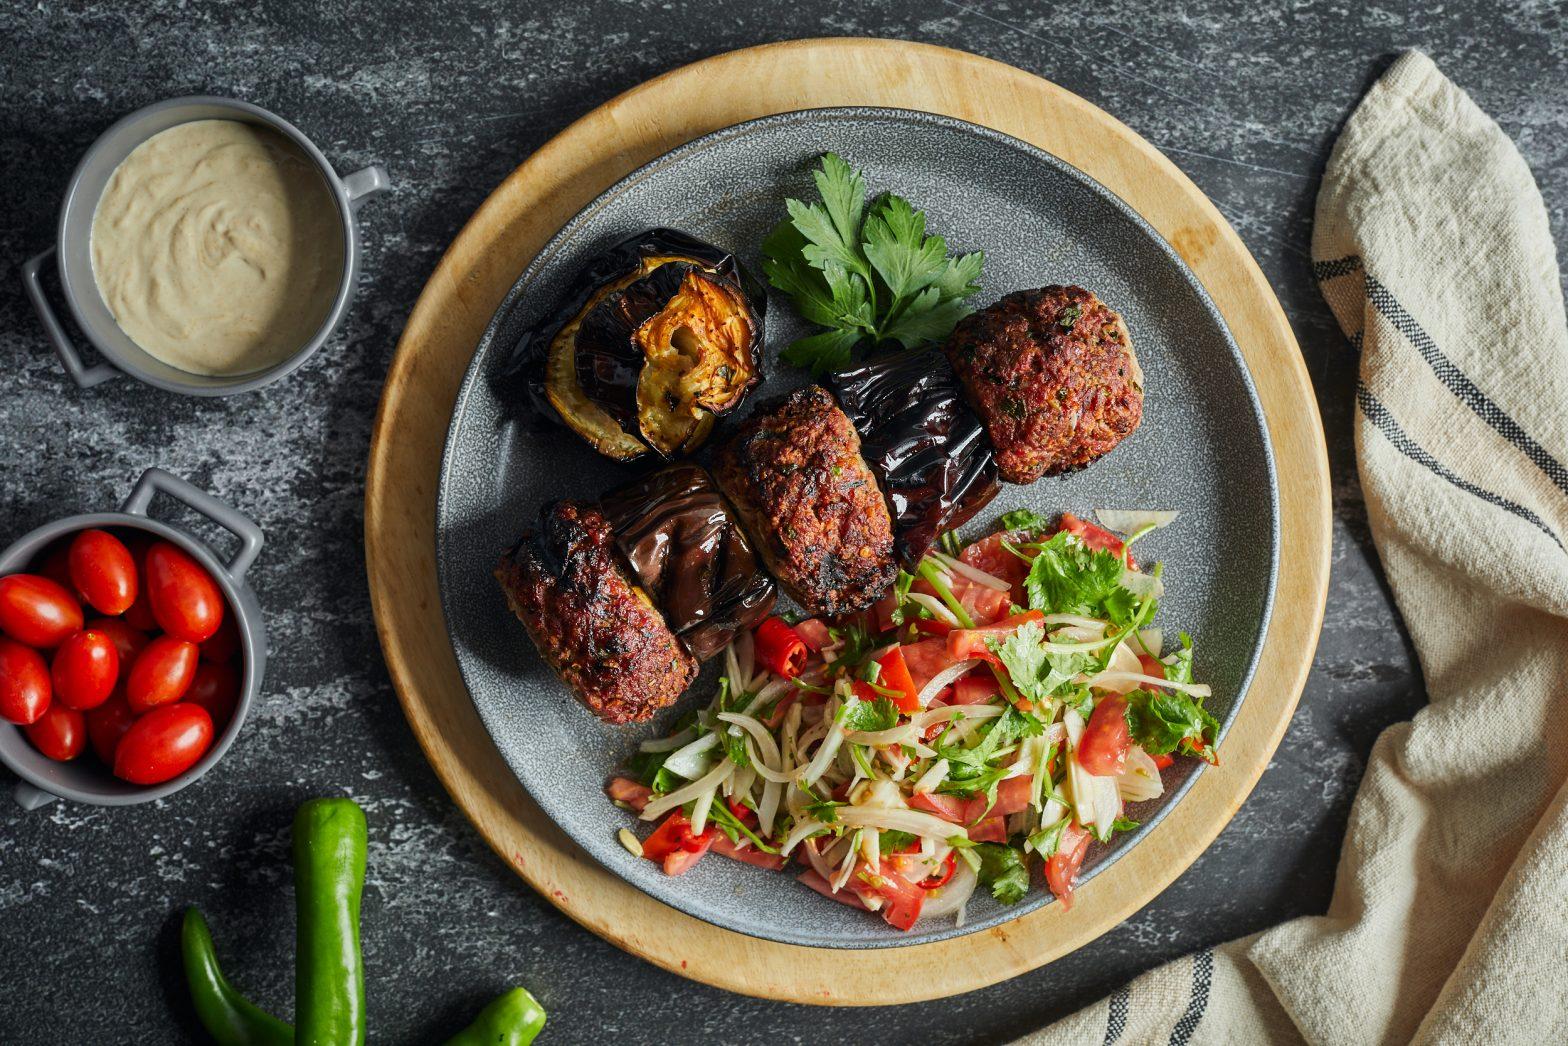 קבב חצילים טורקי לצד סלט כוסברה ועגבניות של עומר מילר